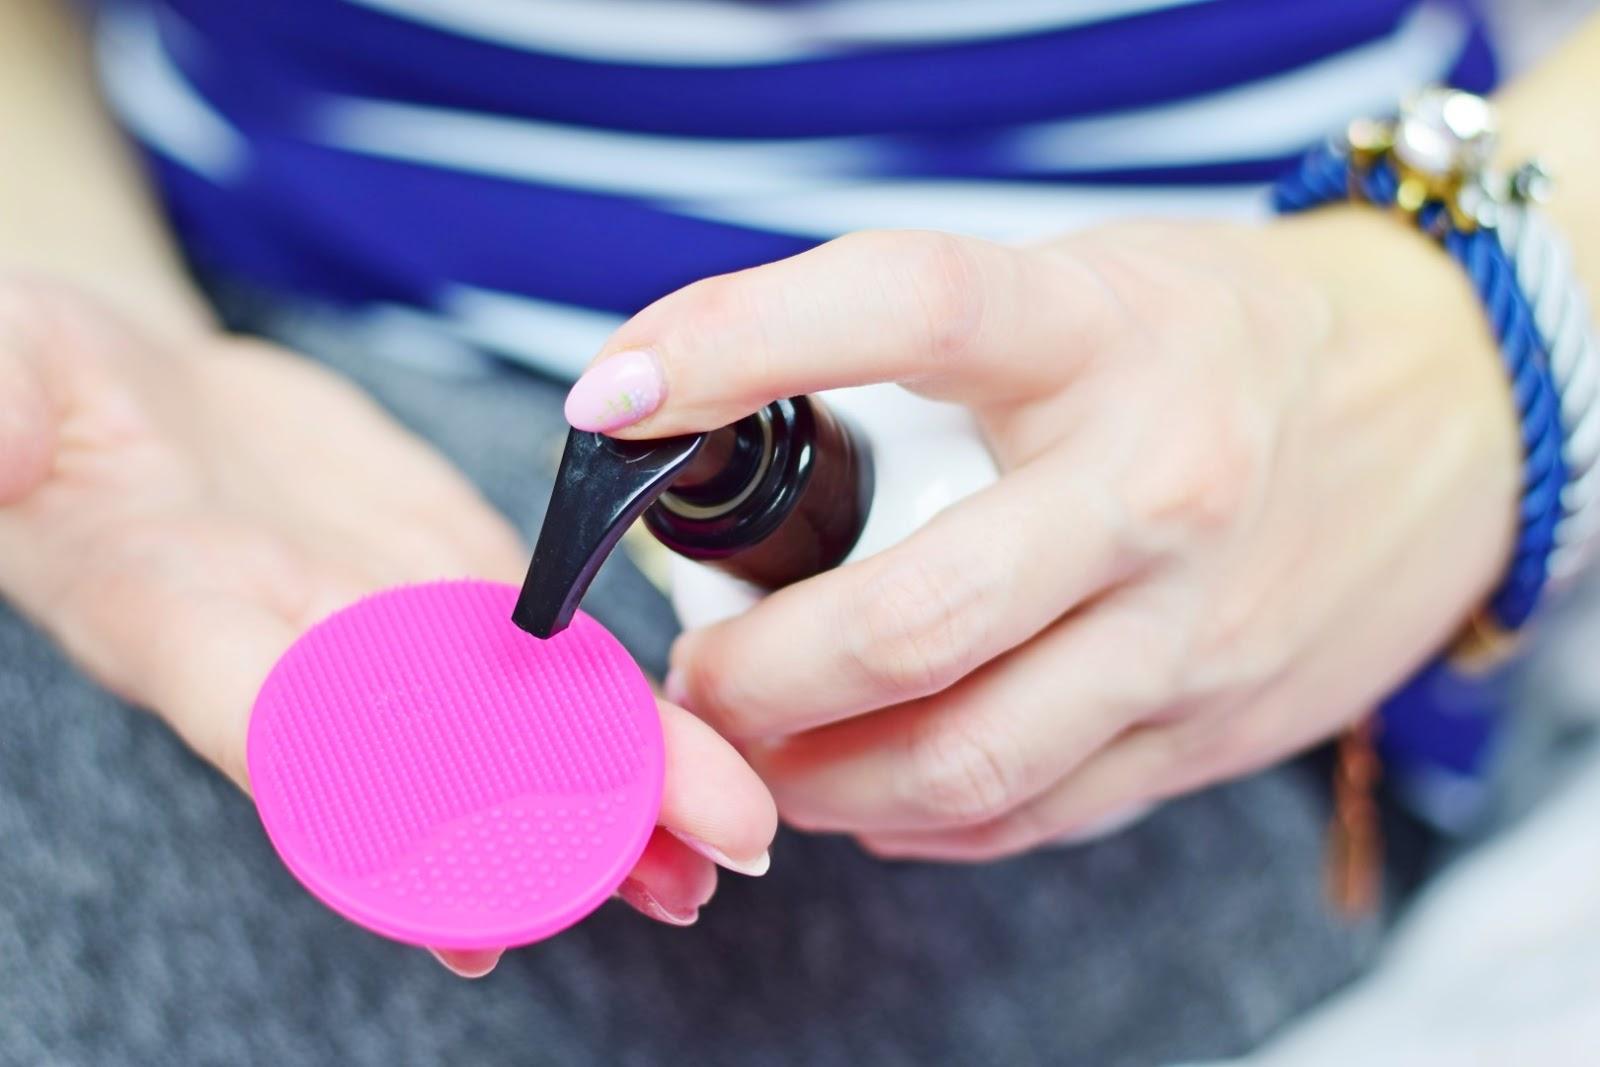 f8fb1bdec511df Gadżety Kobiety: Silikonowa myjka do twarzy | Oczyszczanie bez podrażnień!  | Mademoiselle Magdalene Blog: Uroda | Kosmetyki | Makijaż | Moda |  Lifestyle